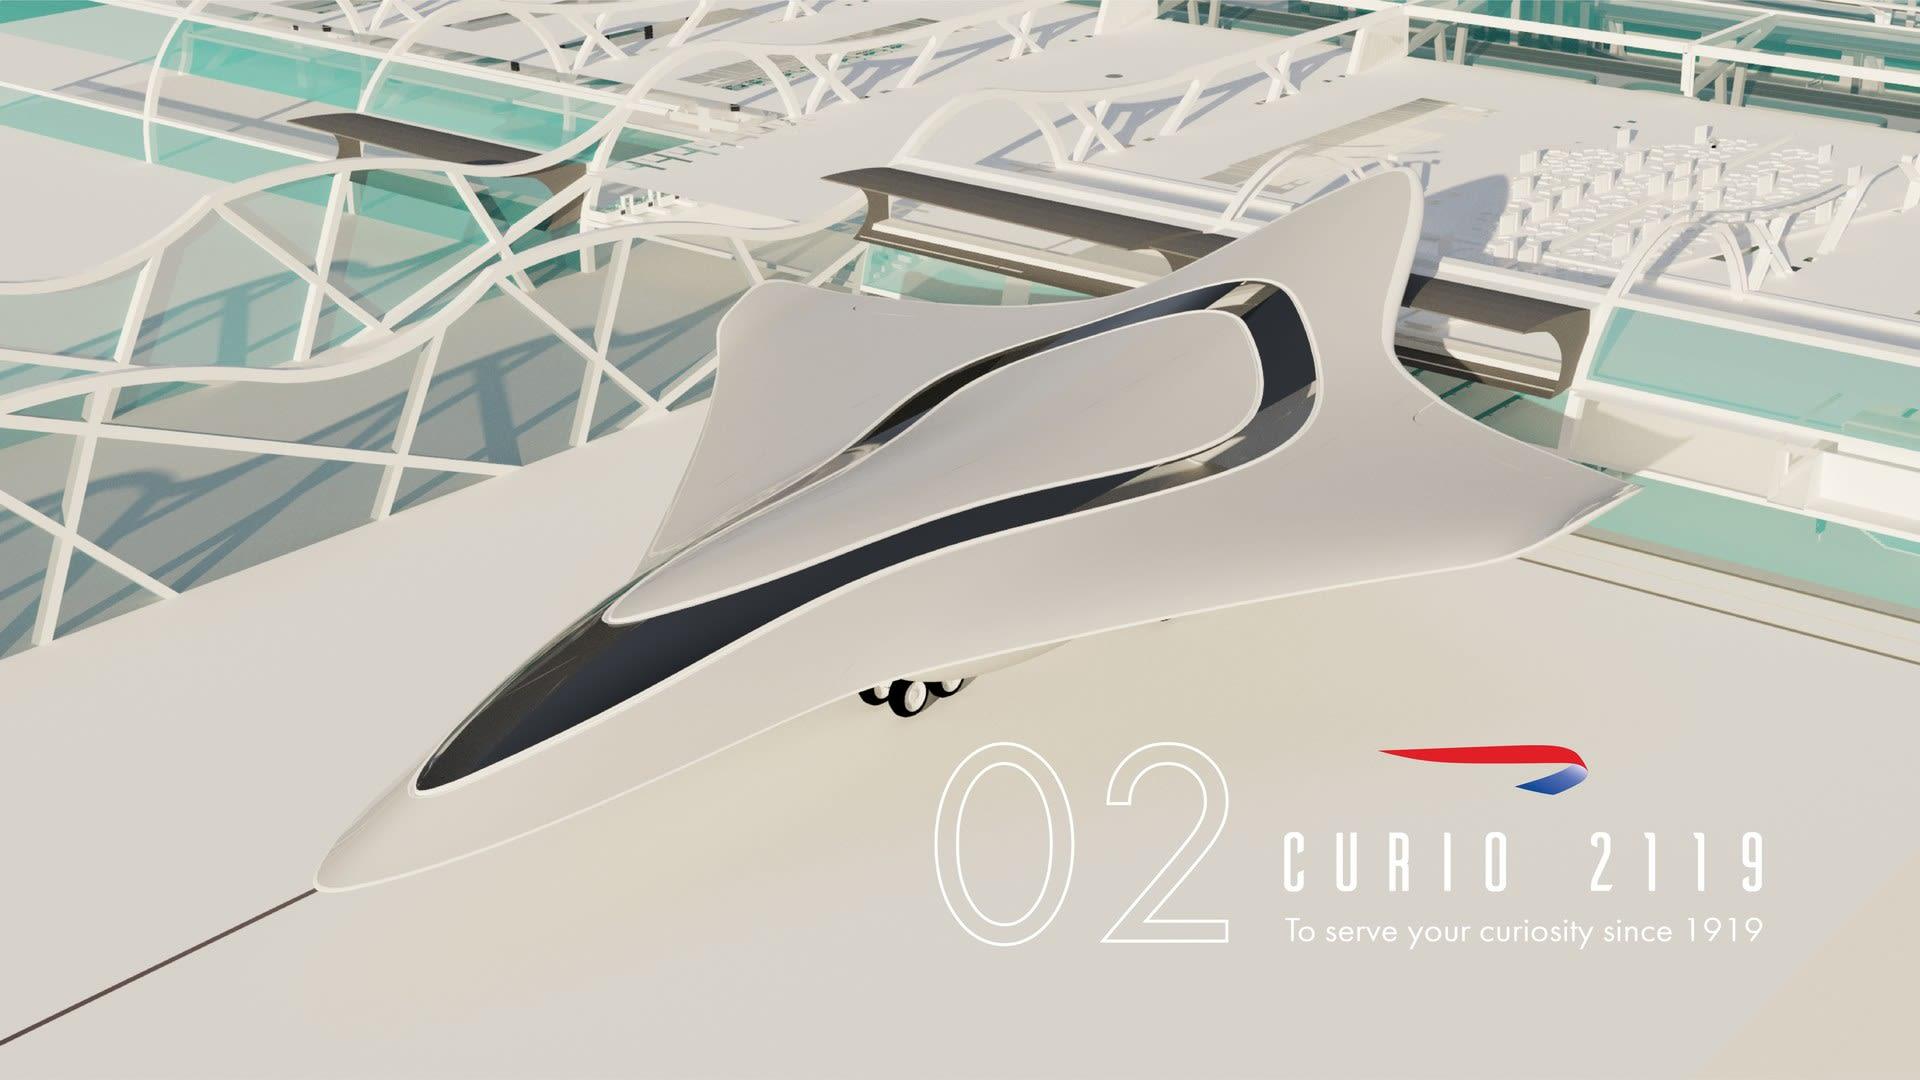 Curio 2119